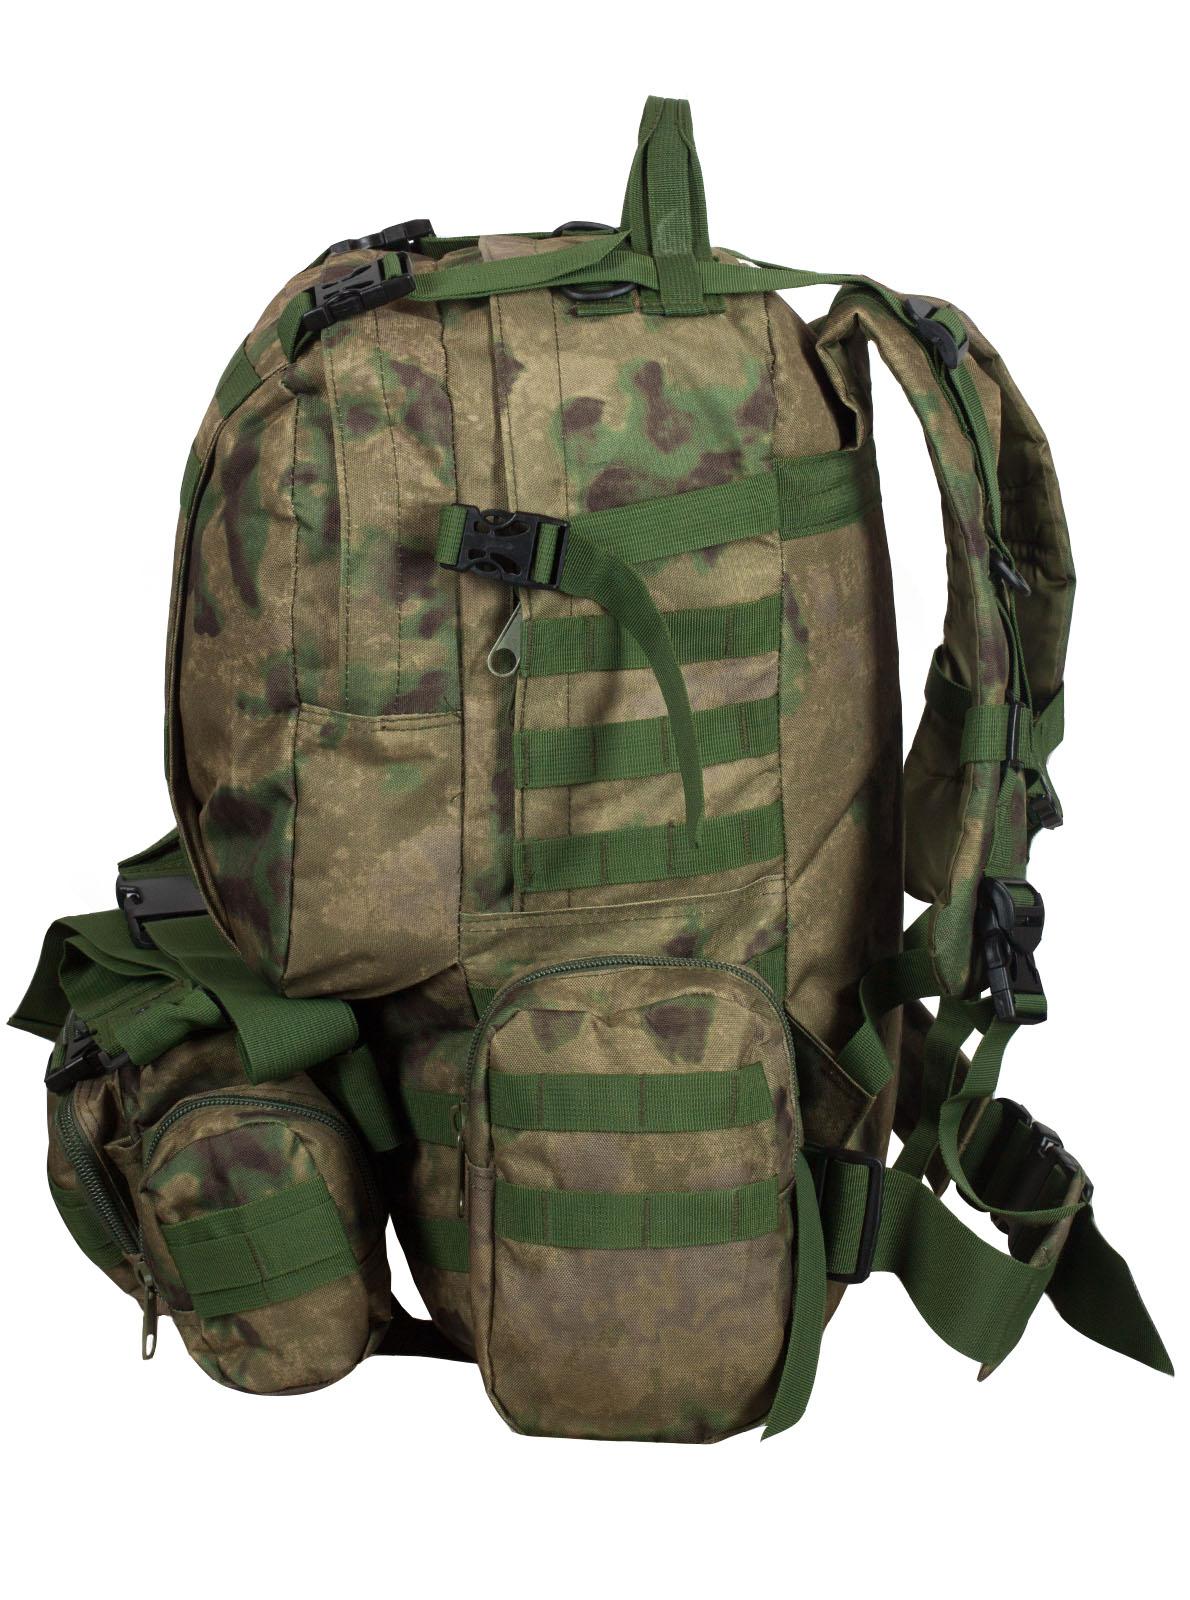 Армейский тактический рюкзак с нашивкой Афган - заказать в розницу